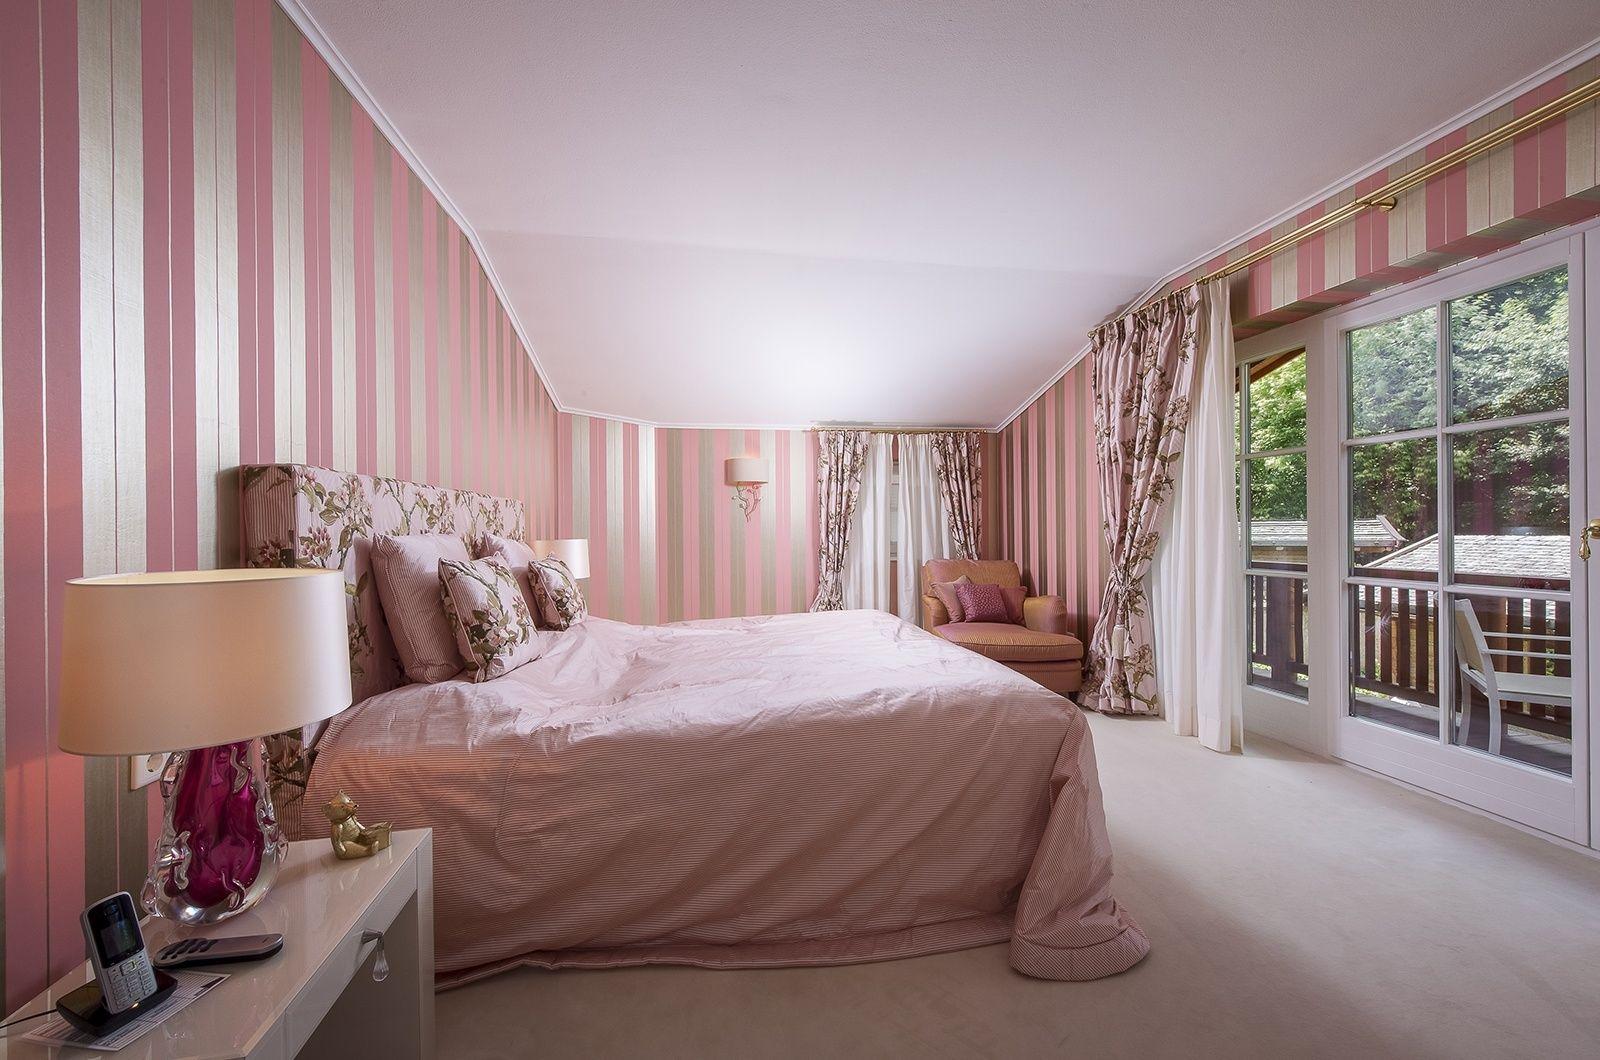 Rosa Schlafzimmer läd zum Träumen ein Die Stadtoase